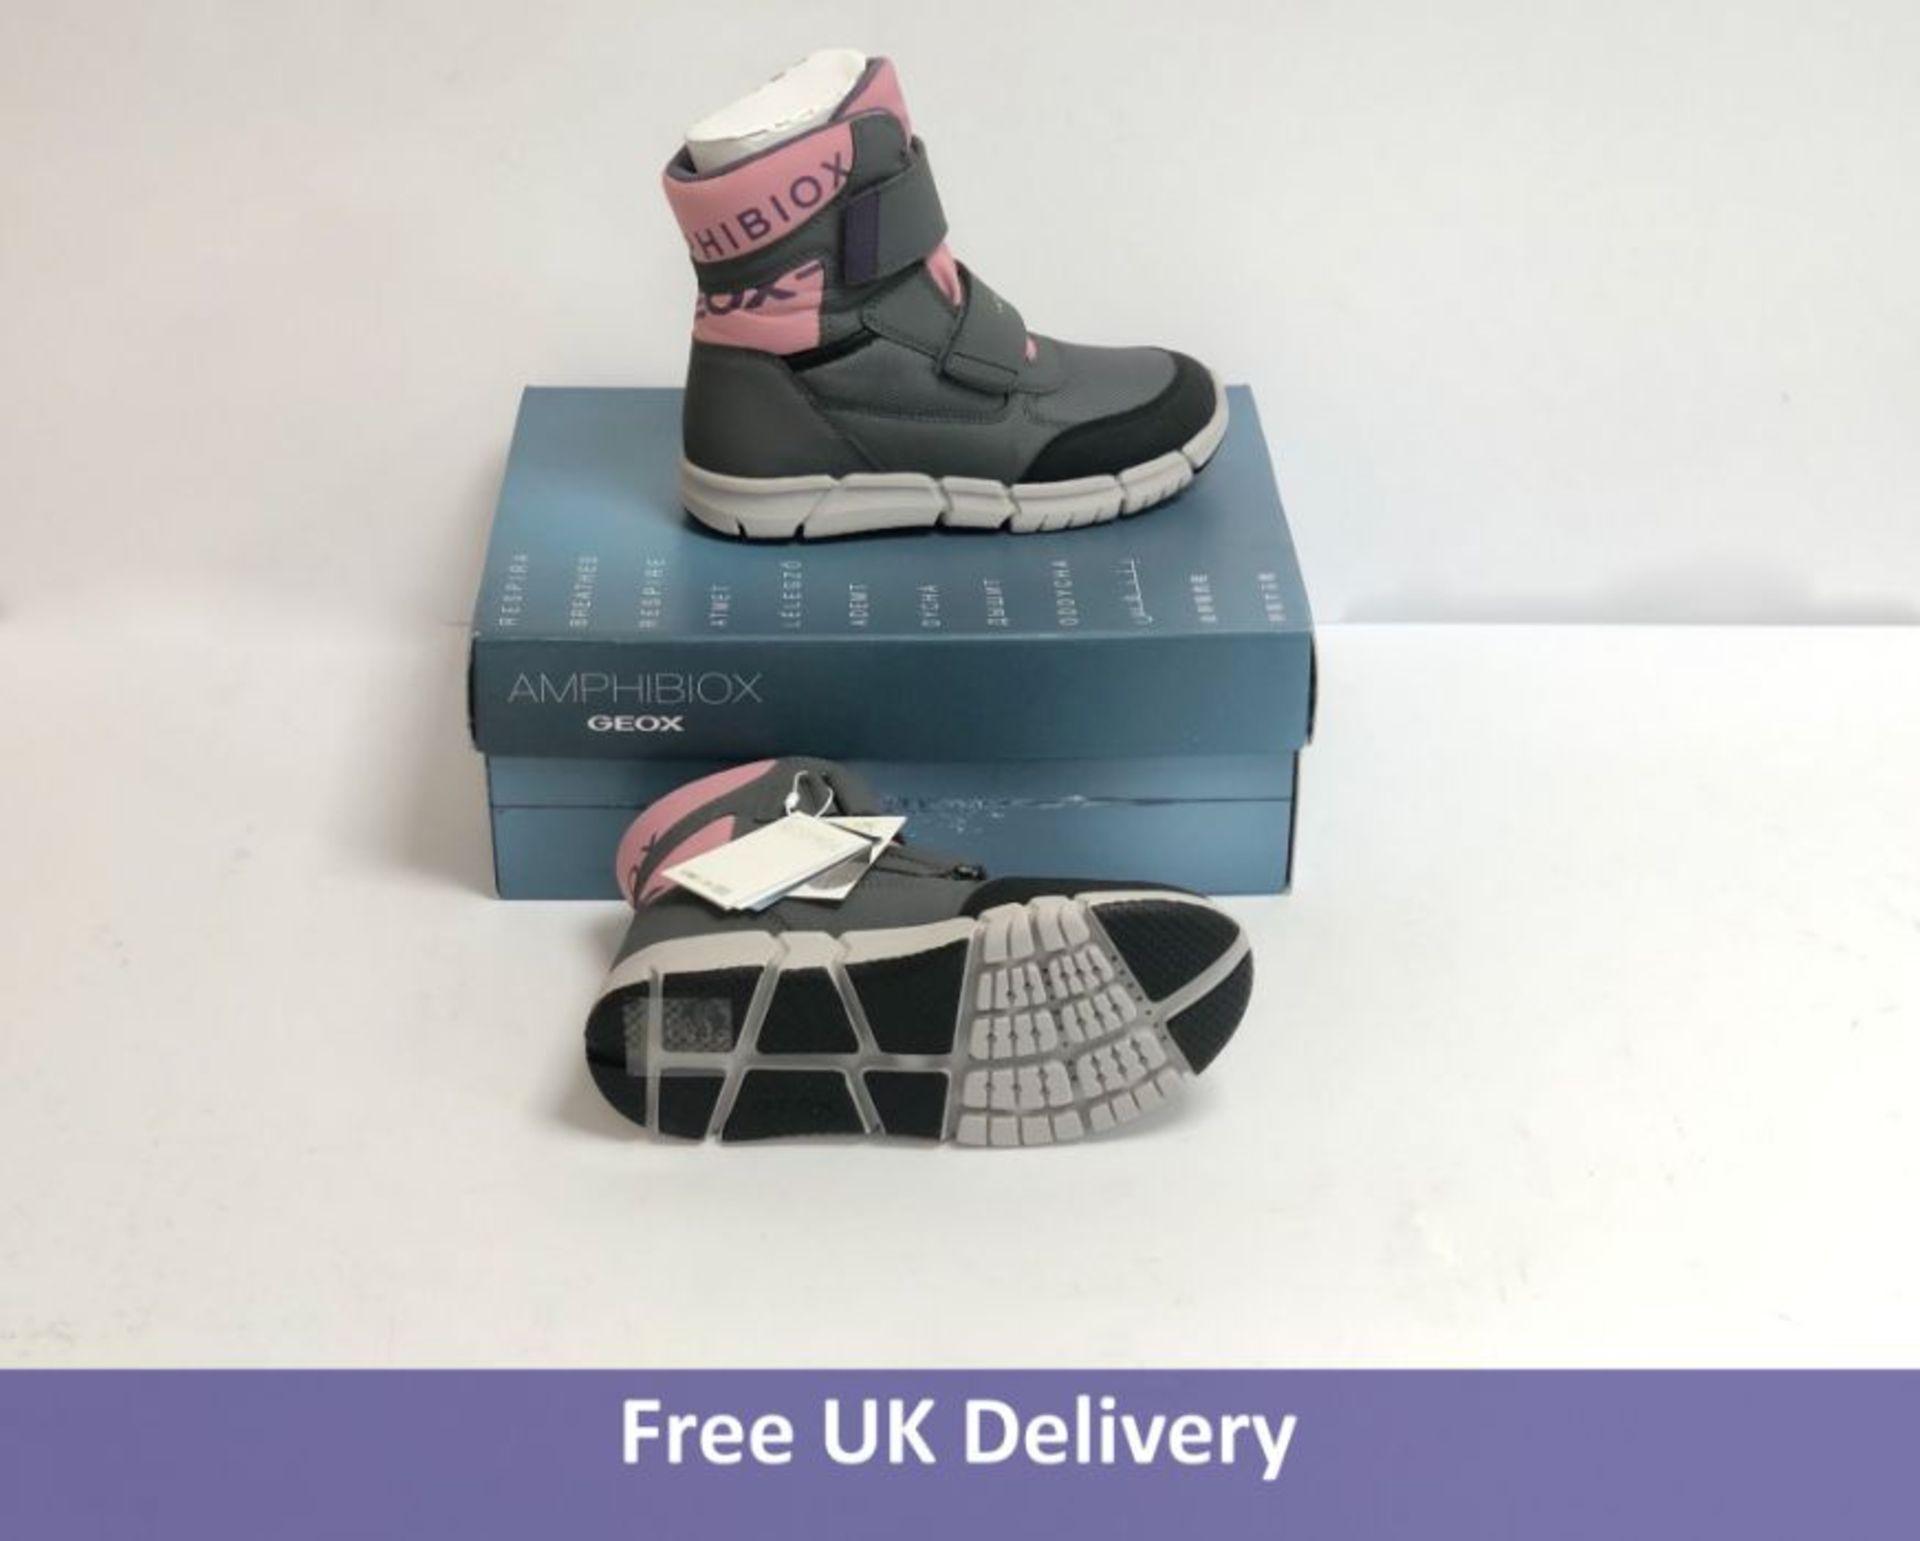 Geox Children's Flexper Snow Boots, Pink & Grey, UK 1